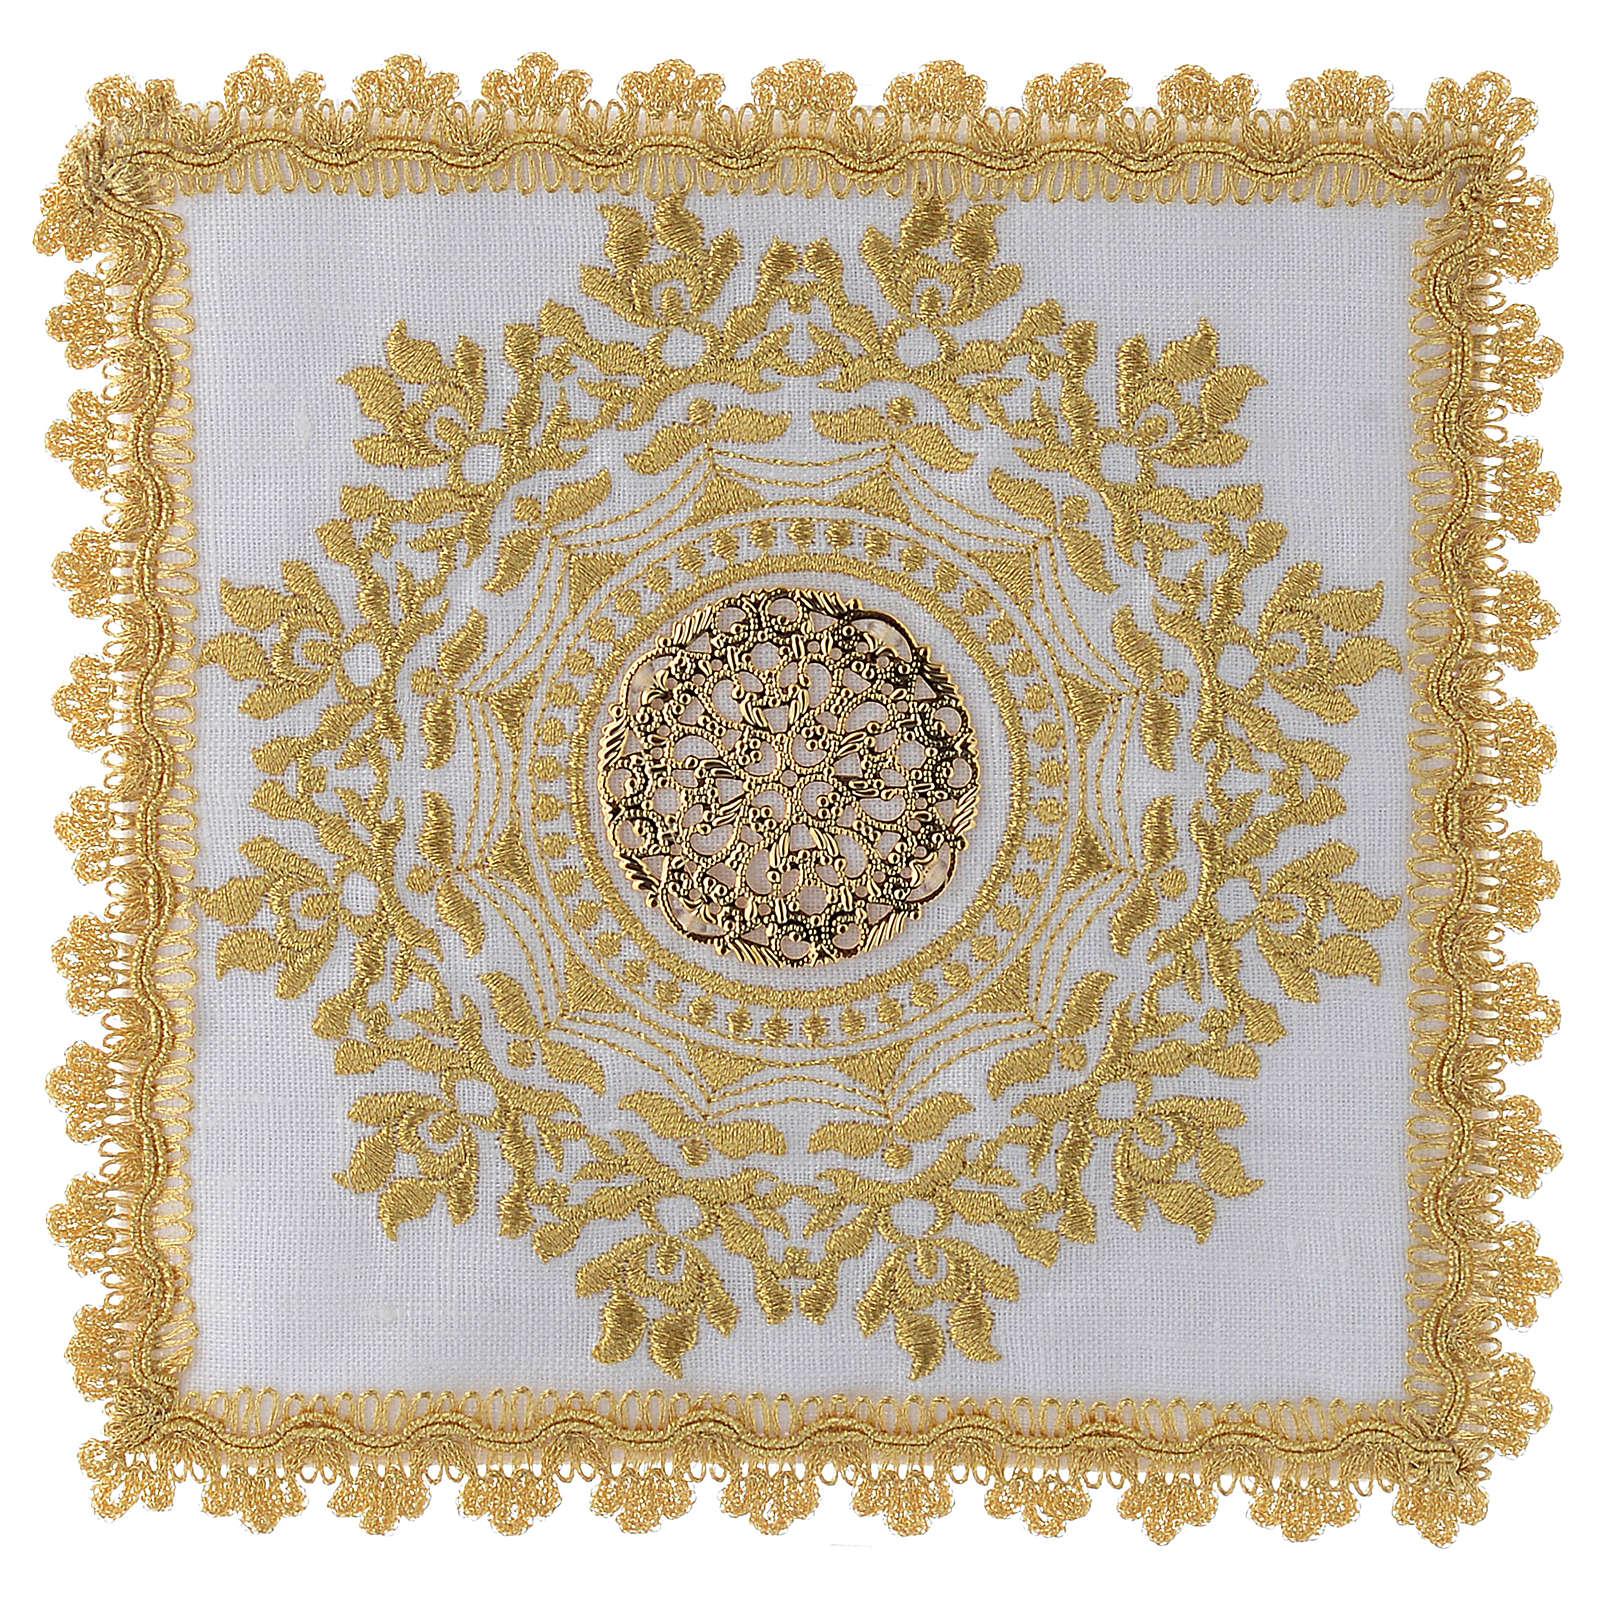 Servizio altare con decoro dorato in stile gotico lino 4